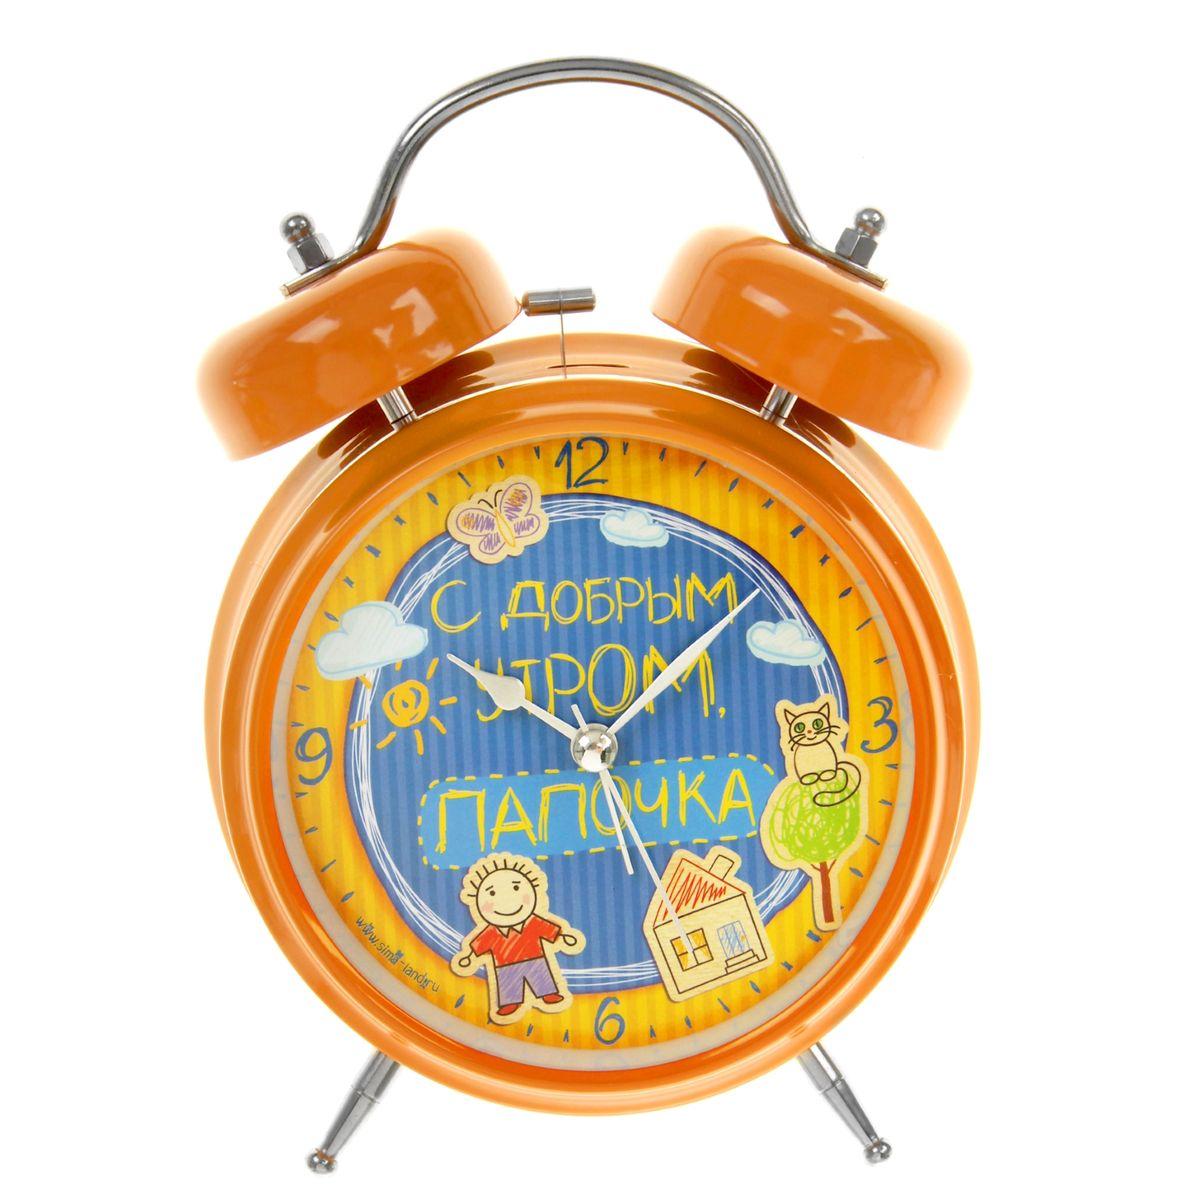 Часы-будильник Sima-land С добрым утром, папочкаMRC 4142 schwarzКак же сложно иногда вставать вовремя! Всегда так хочется поспать еще хотя бы 5 минут и бывает, что мы просыпаем. Теперь этого не случится! Яркий, оригинальный будильник Sima-land С добрым утром, папочка поможет вам всегда вставать в нужное время и успевать везде и всюду. Время показывает точно и будит в установленный час. Такой будильник станет прекрасным подарком. На задней панели будильника расположены переключатель включения/выключения механизма и два колесика для настройки текущего времени и времени звонка будильника. Также будильник оснащен кнопкой, при нажатии и удержании которой подсвечивается циферблат.Будильник работает от 1 батарейки типа AA напряжением 1,5V (не входит в комплект).